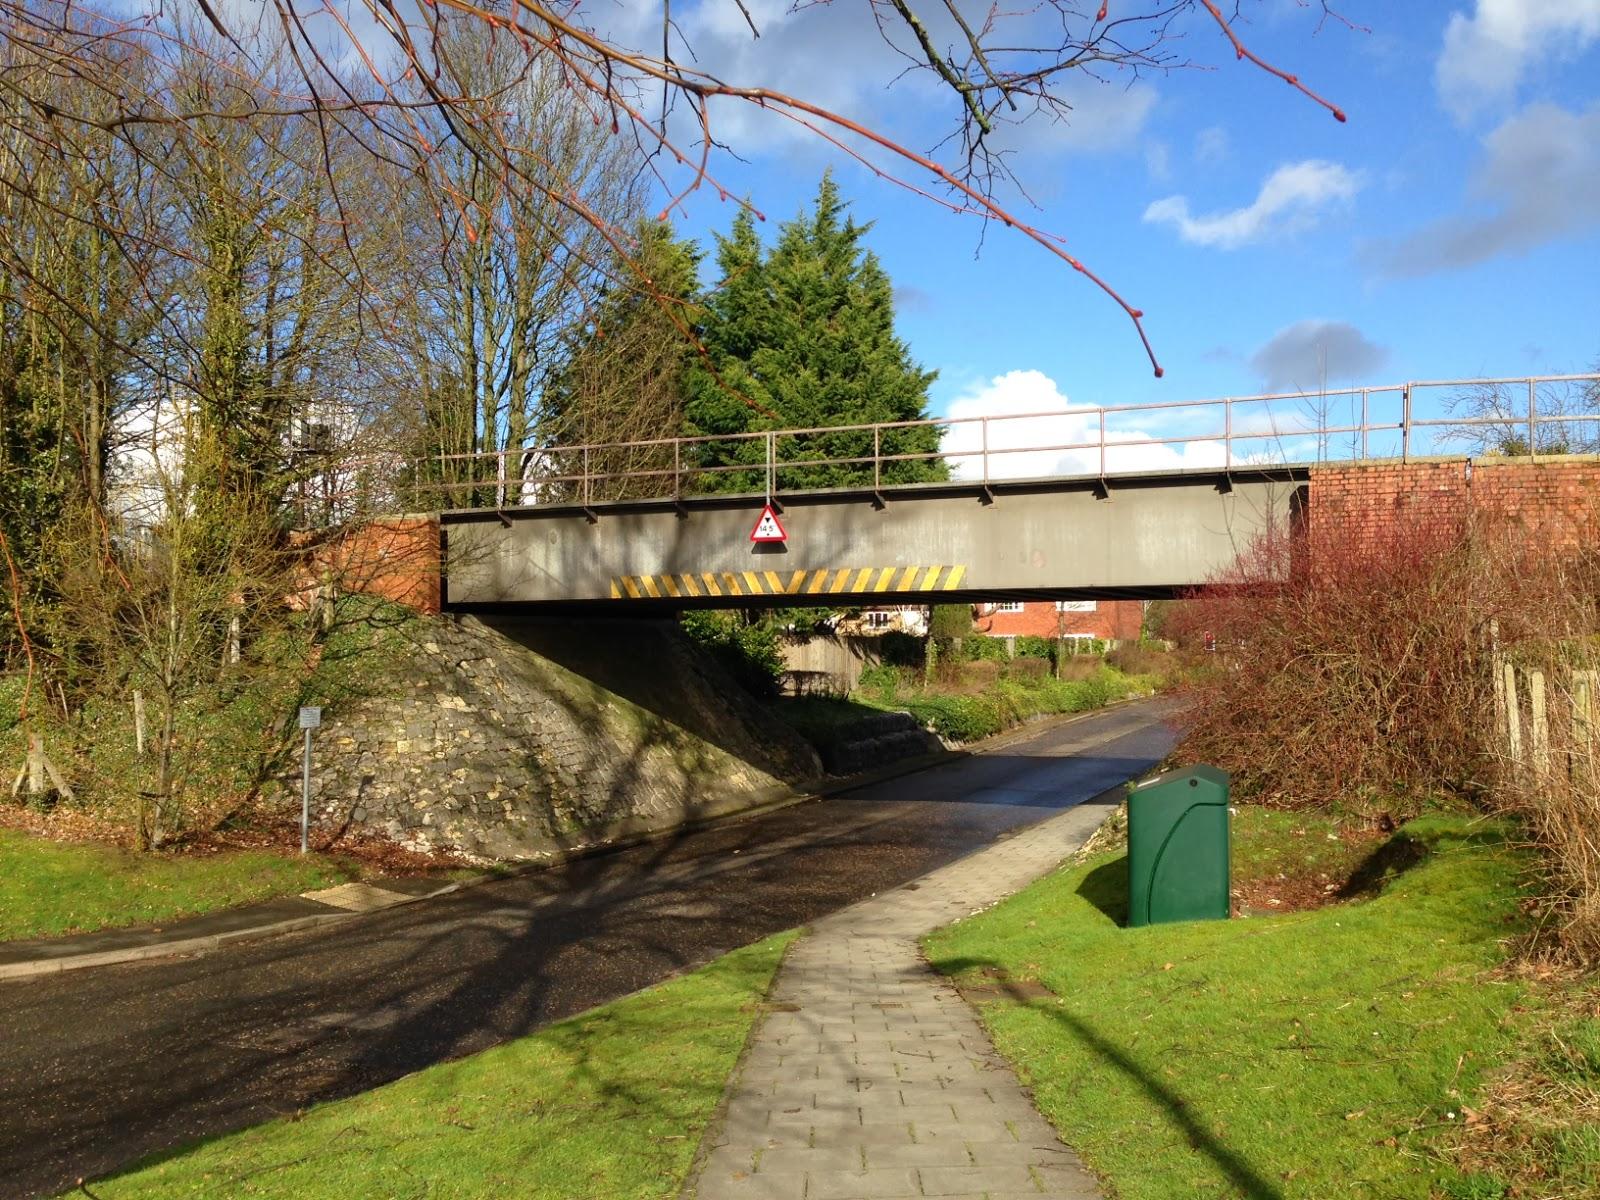 Disused(?) railway bridge, Regent Park, Princes Risborough